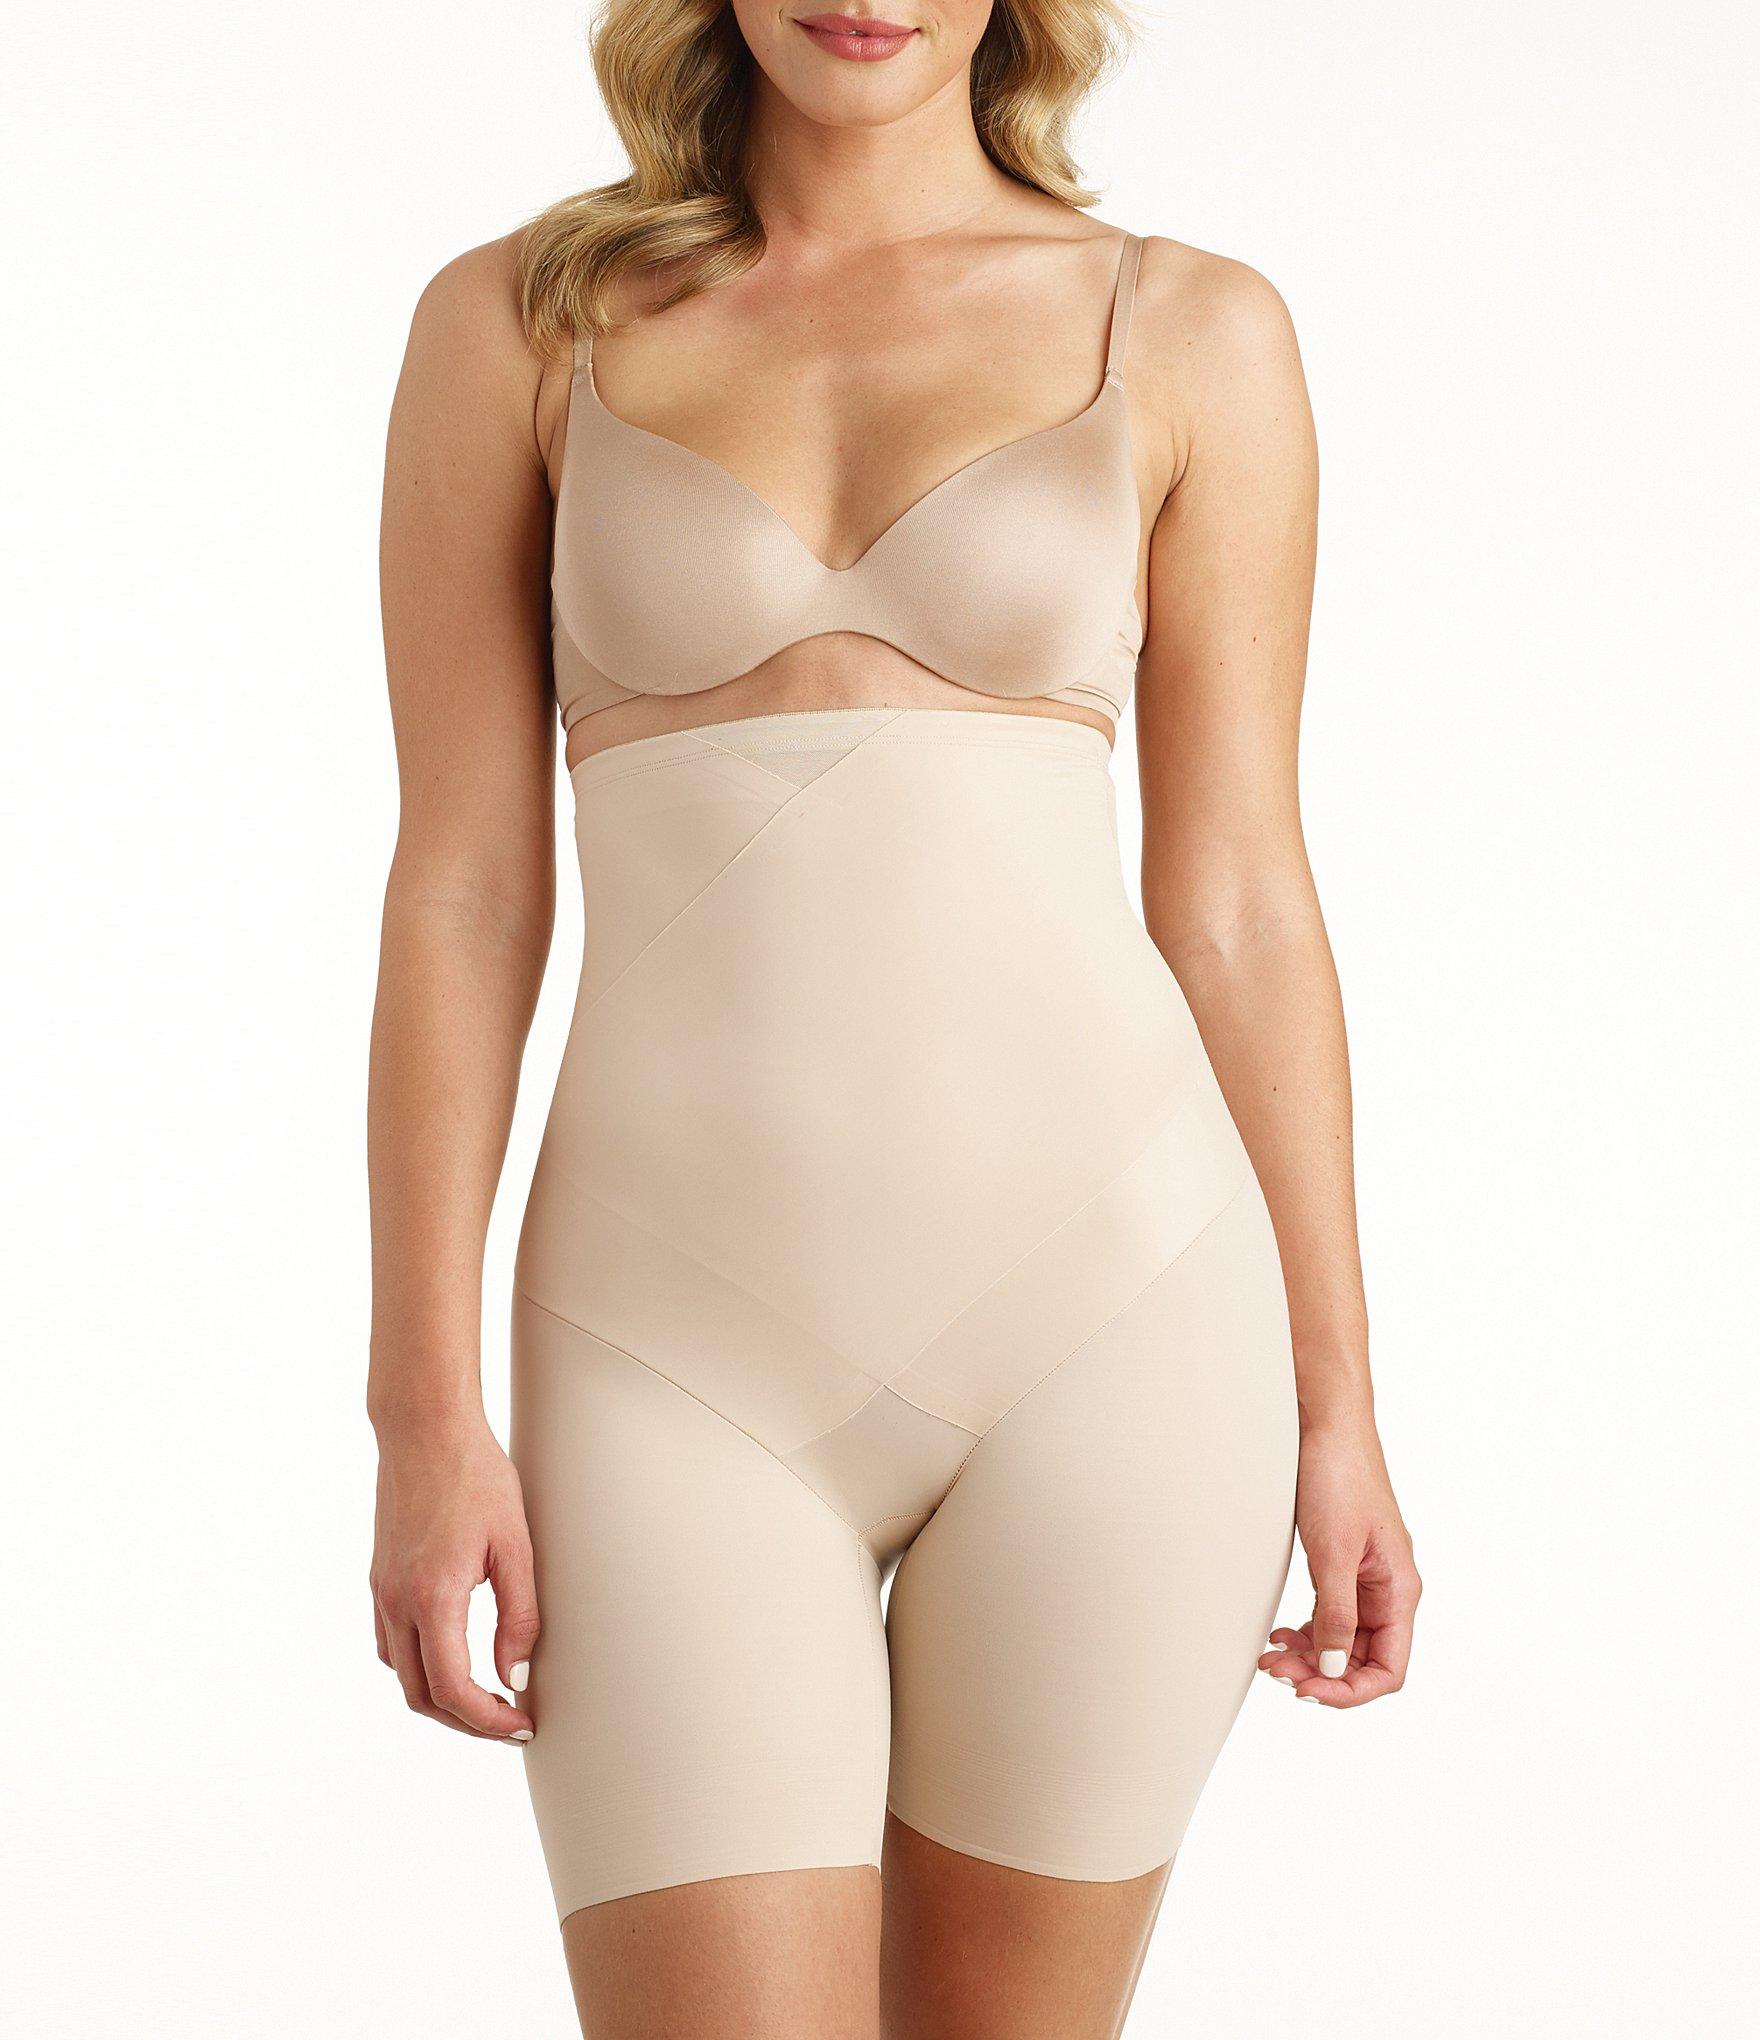 29e1f59b74962 TC Fine Intimates Tummy Tux Hi-Waist Thigh Slimmer